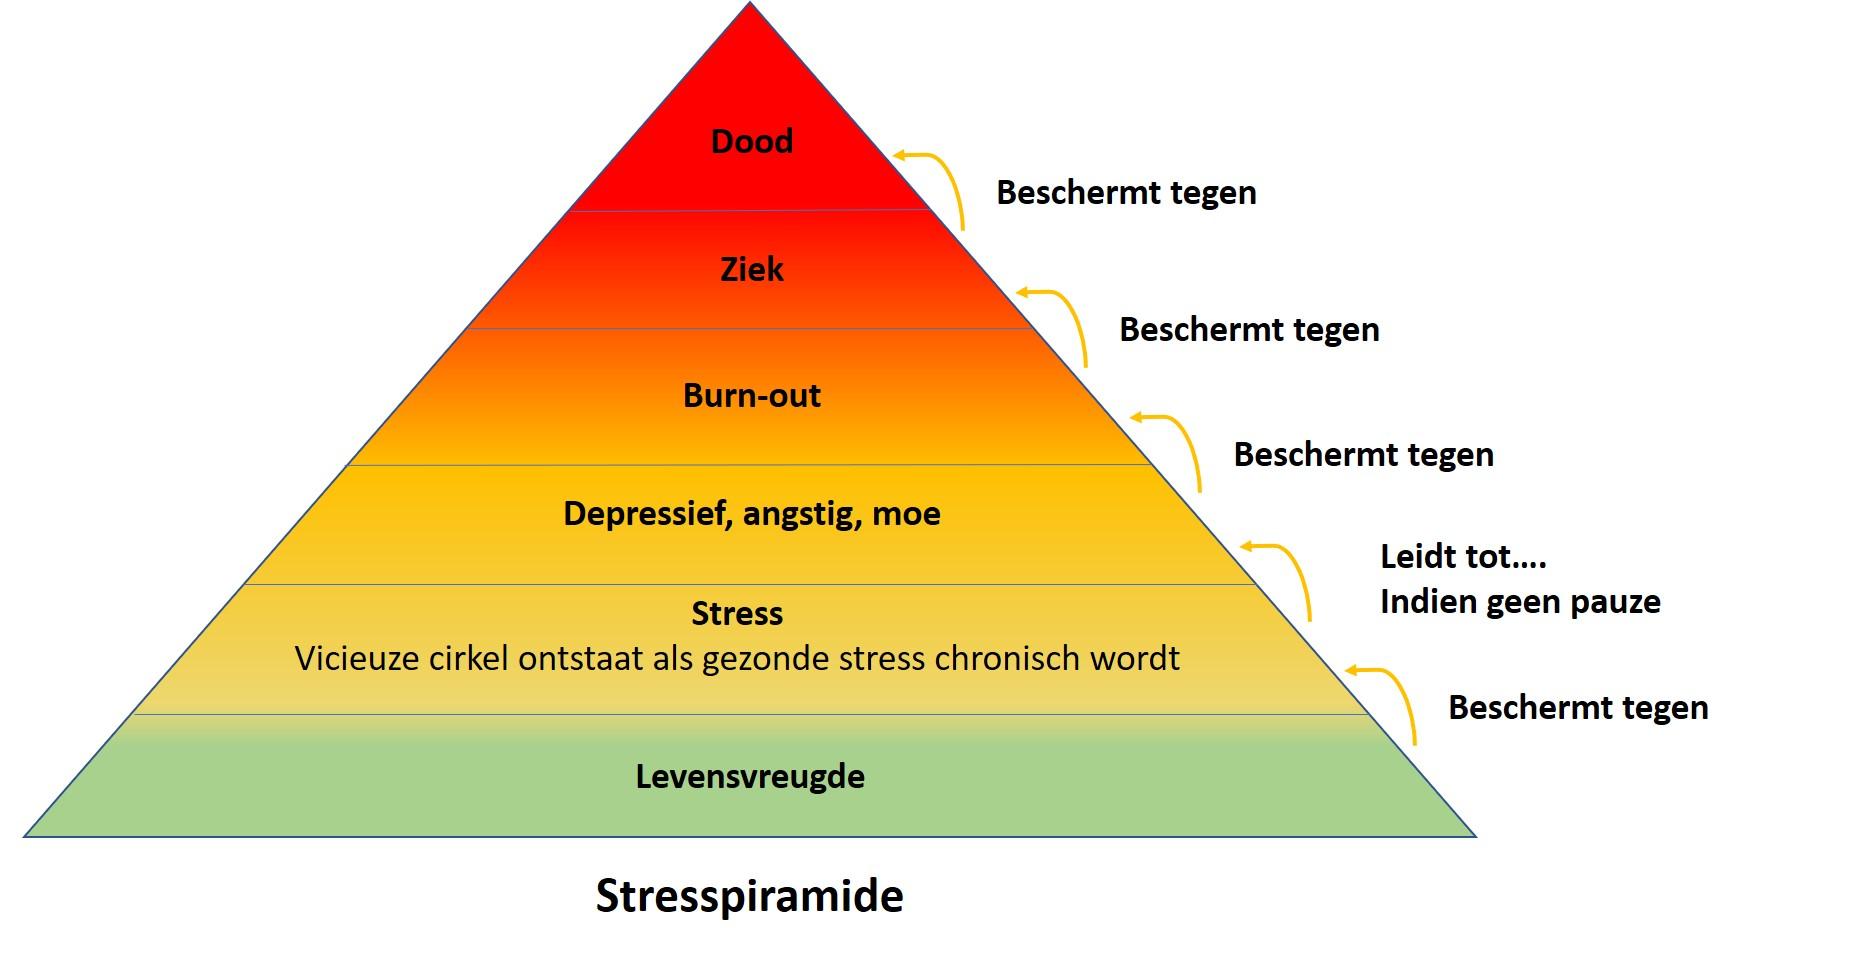 Stresspiramide van Wutah